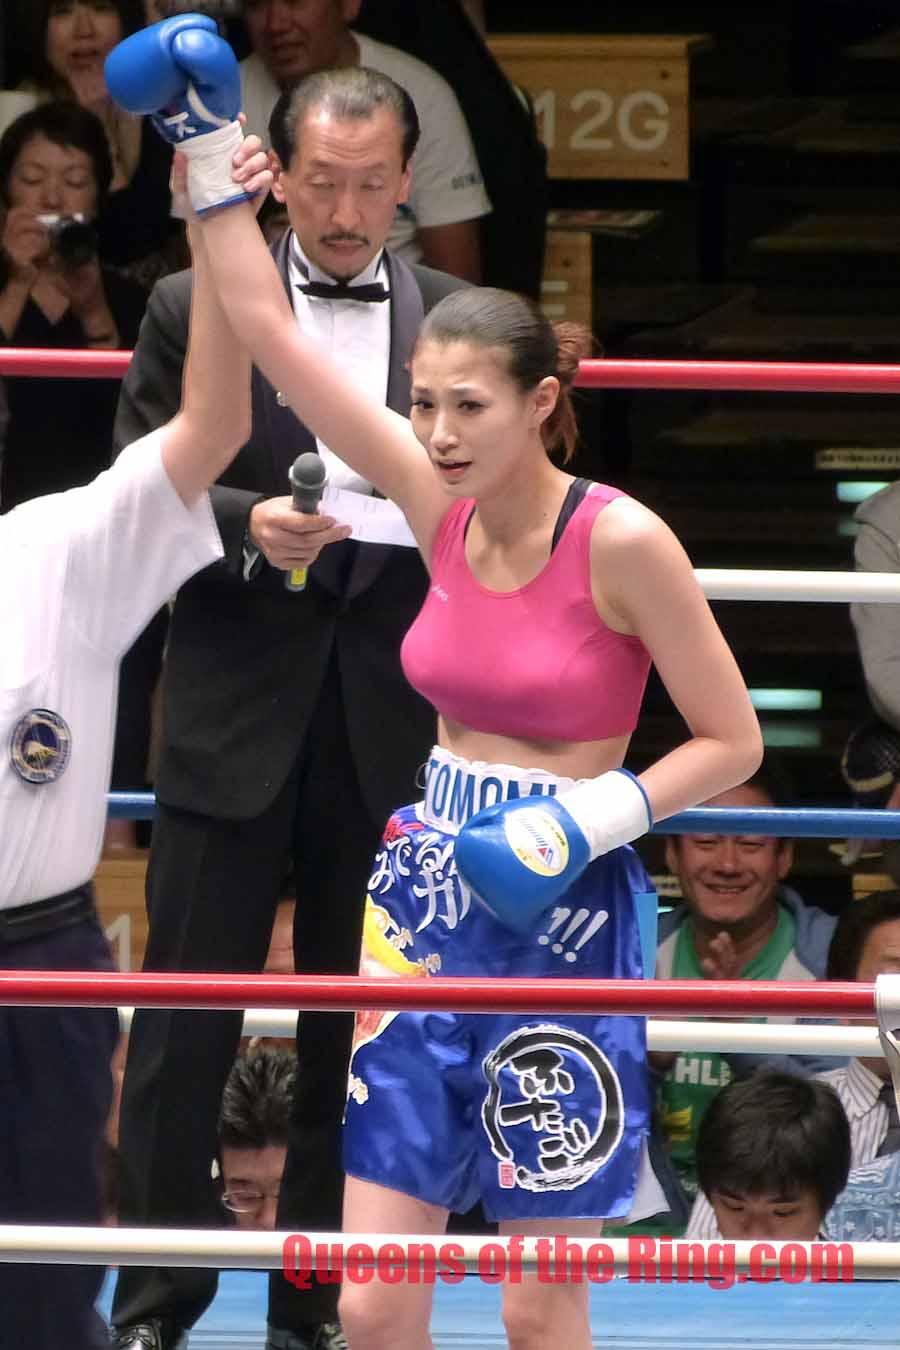 高野人母美の行方に注目 引退試合やらないの 美人モデルボクサー高野